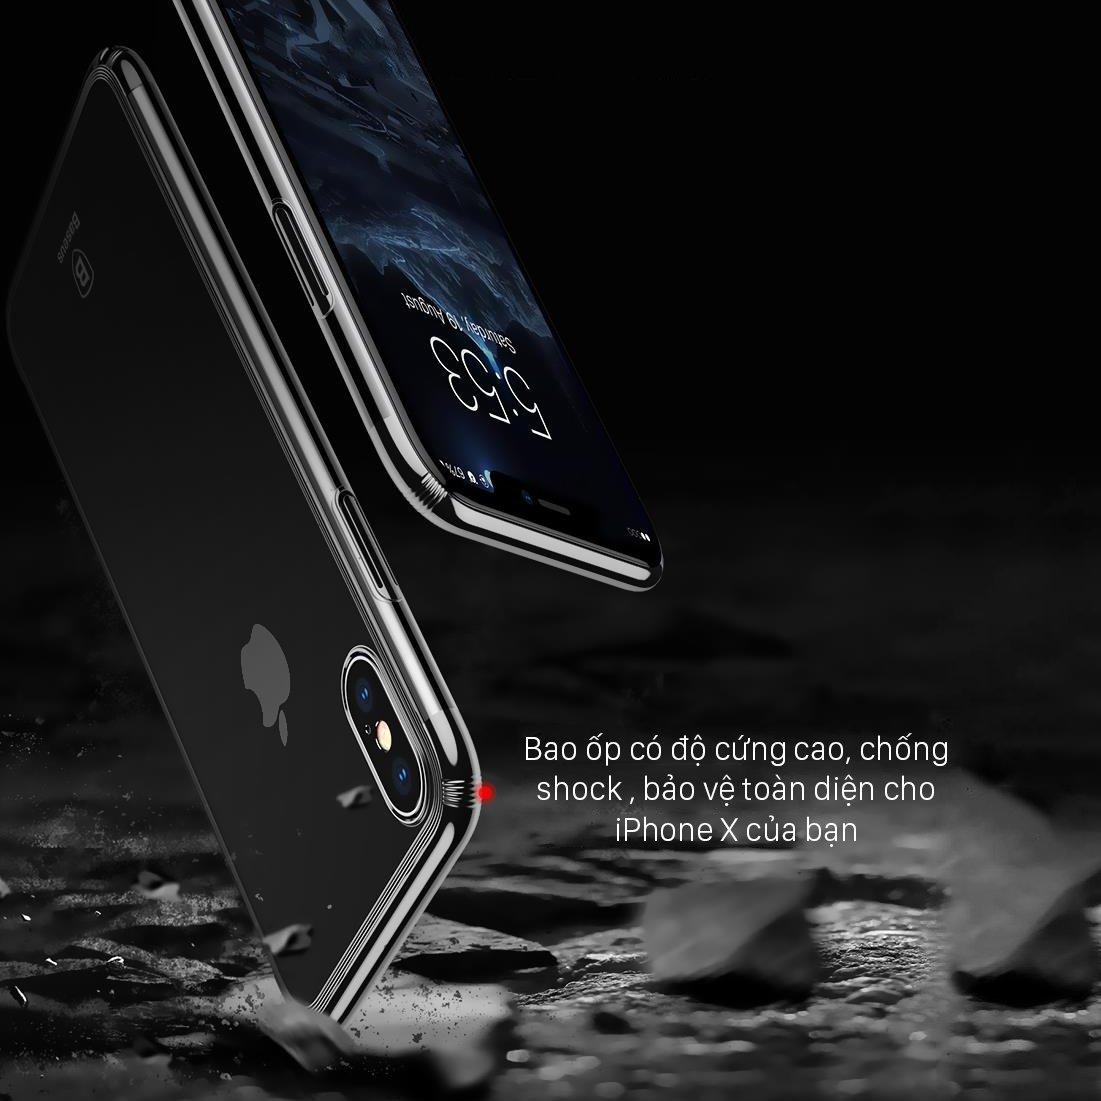 Ốp lưng iPhone X Baseus Minju trong suốt, siêu mỏng, chống trầy xước